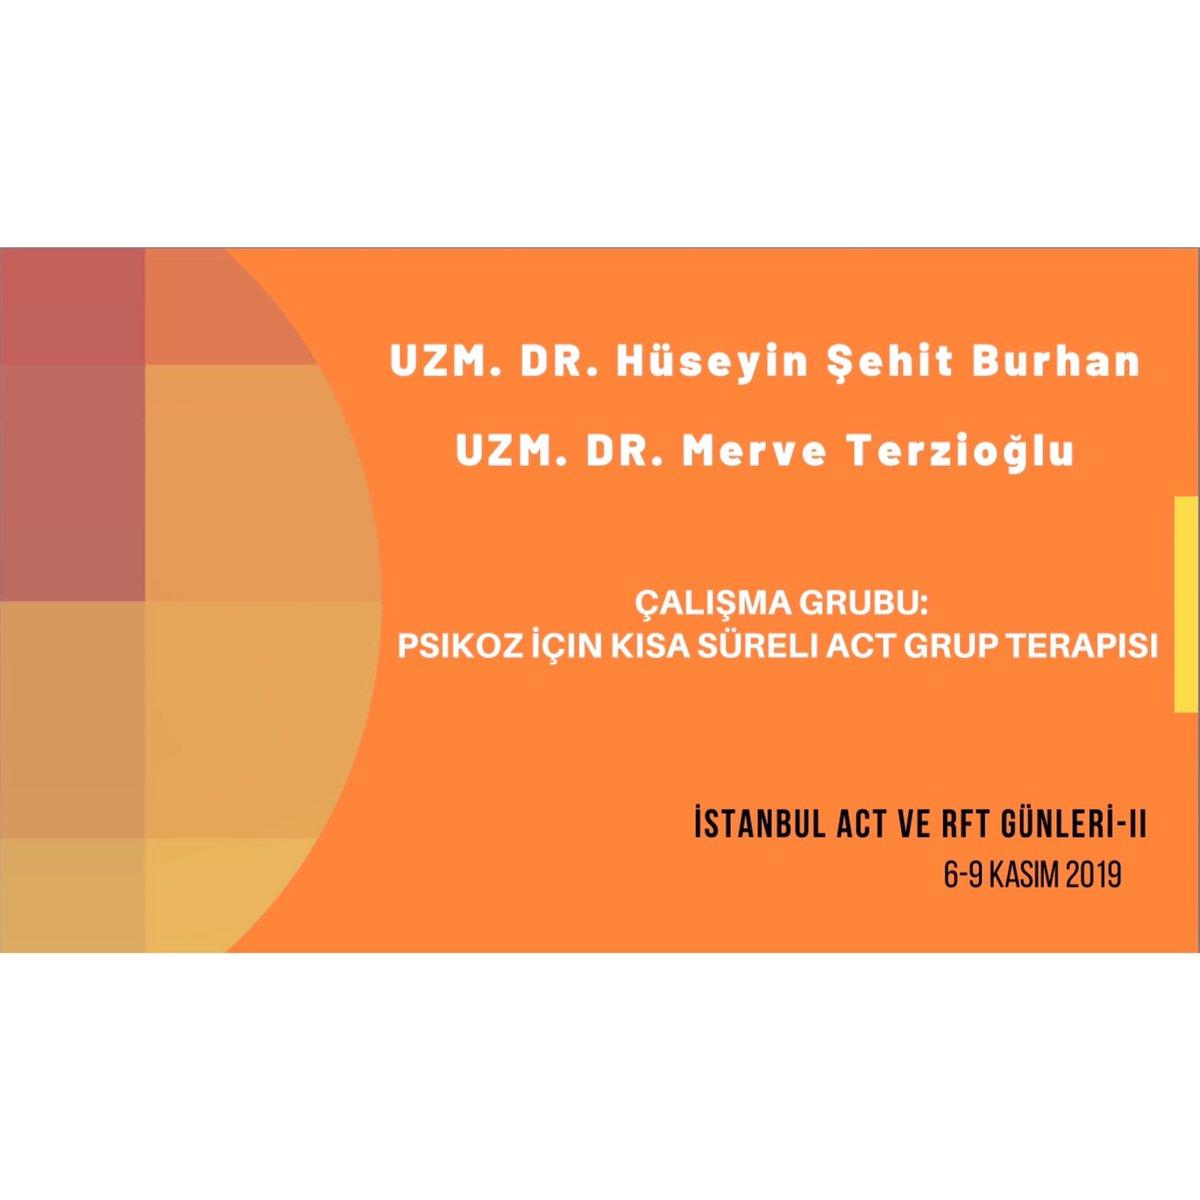 """Uzm.Dr. Hüseyin Şehid Burhan ve Uzm. Dr. Merve Terzioğlu """"Psikoz için Kısa Süreli Act Grup Terapisi""""çalışma grubuyla ACT ve RFT Günleri-II' de! Hepinizi bekliyoruz 🌟 Ayrıntılı bilgi için:http://www.actgunleri2019.org #act #rft #kabulvekararlılıkterapisi #acceptanceandcommitmenttherapy"""